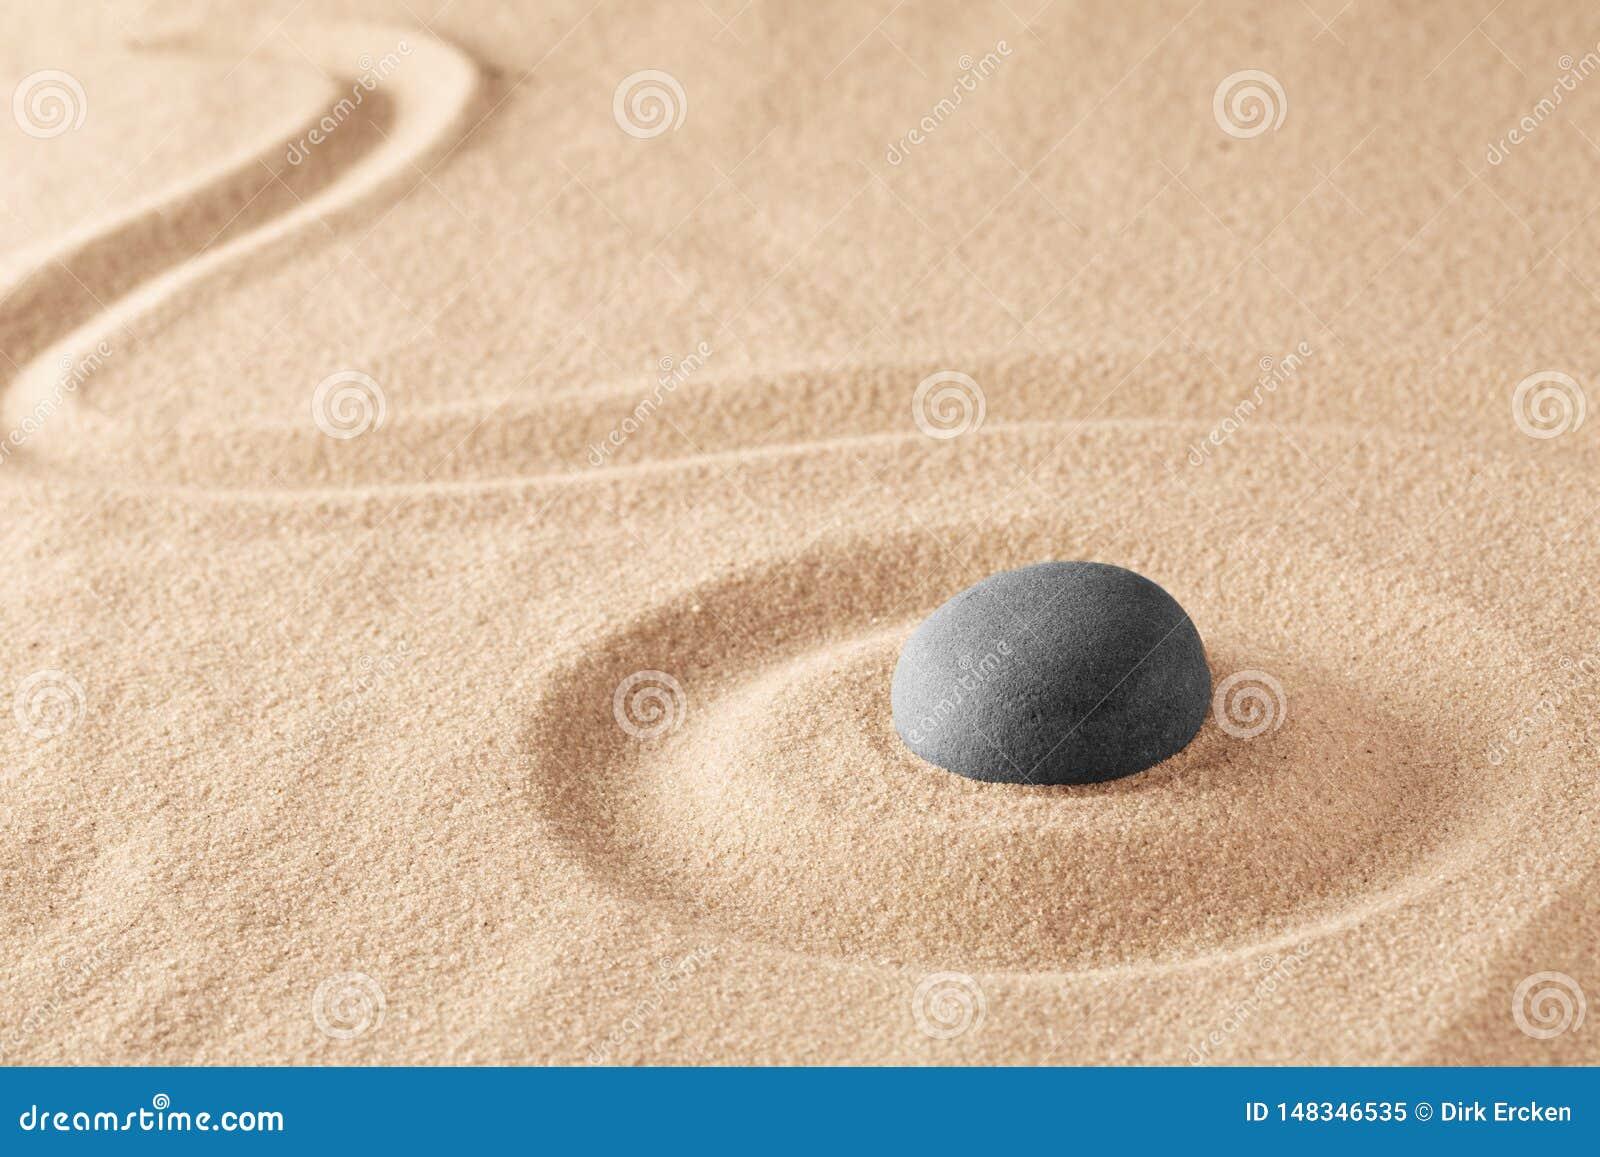 Mineralsteintherapie f?r einen ruhigen Seelenfriedenn durch Zenmeditation